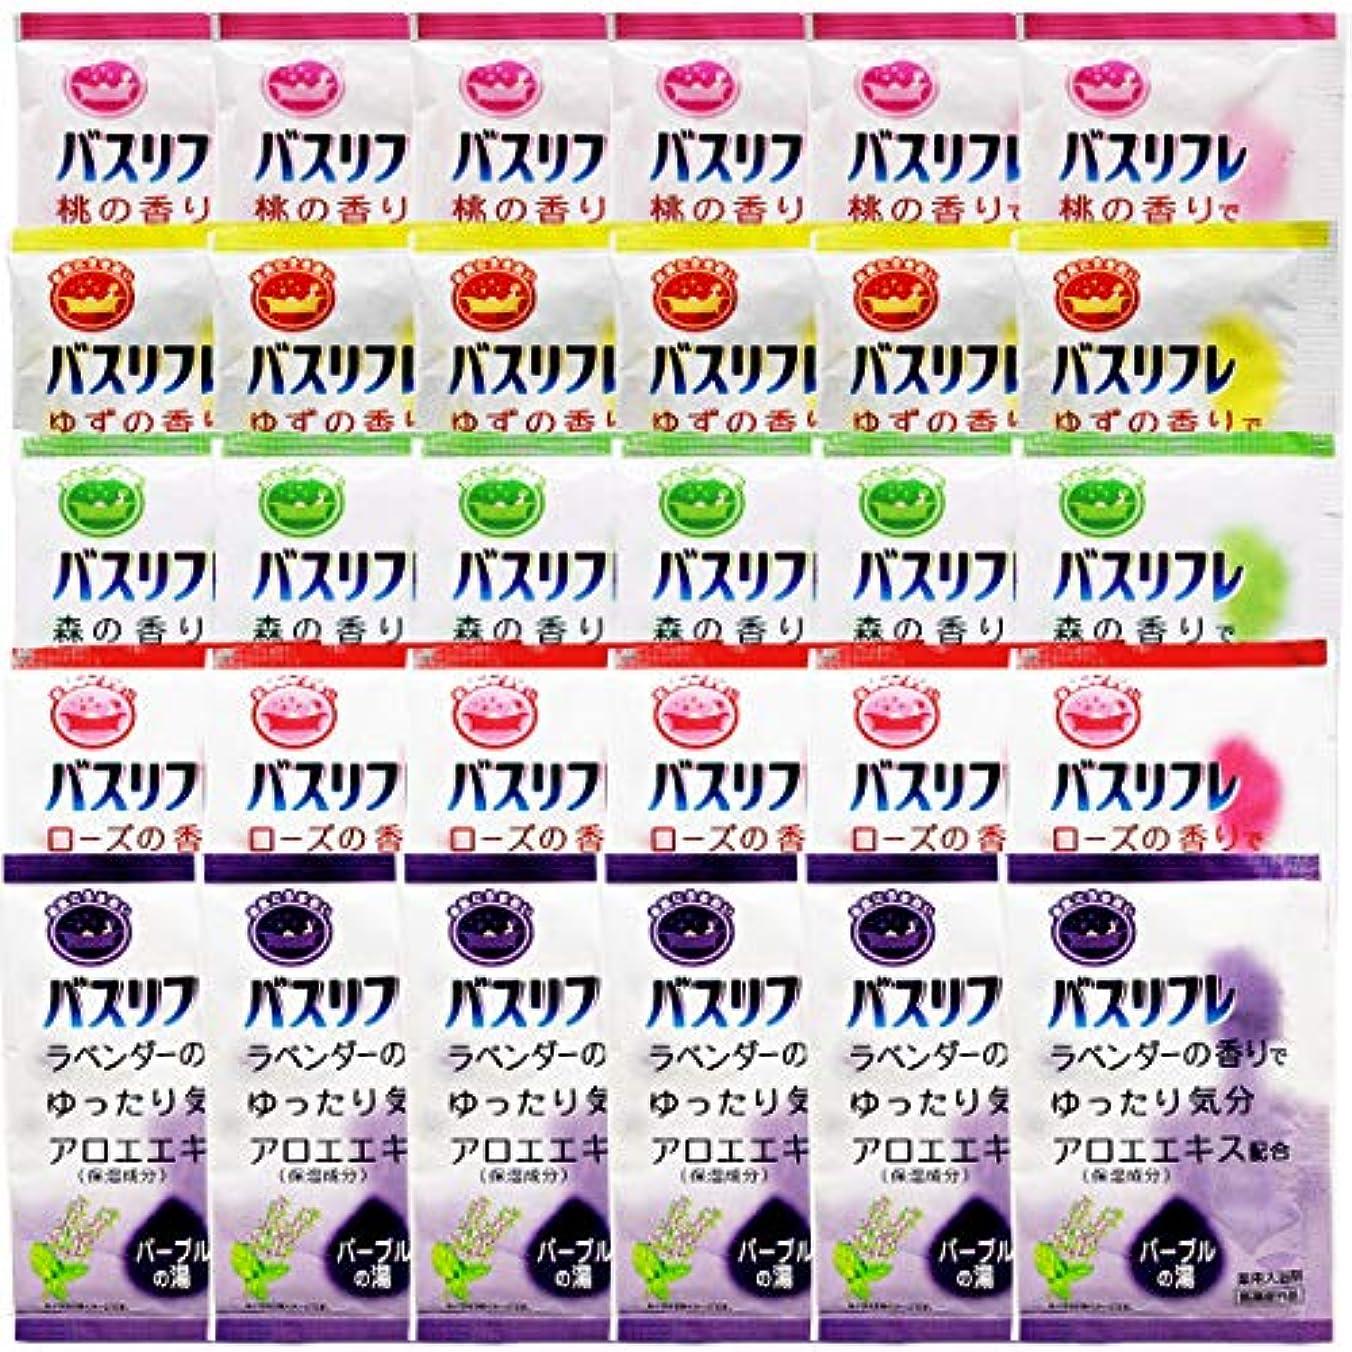 オッズコマースモンゴメリー薬用入浴剤 バスリフレ 5種類の香り アソート 30袋セット 入浴剤 詰め合わせ 人気 アロマ 福袋 医薬部外品